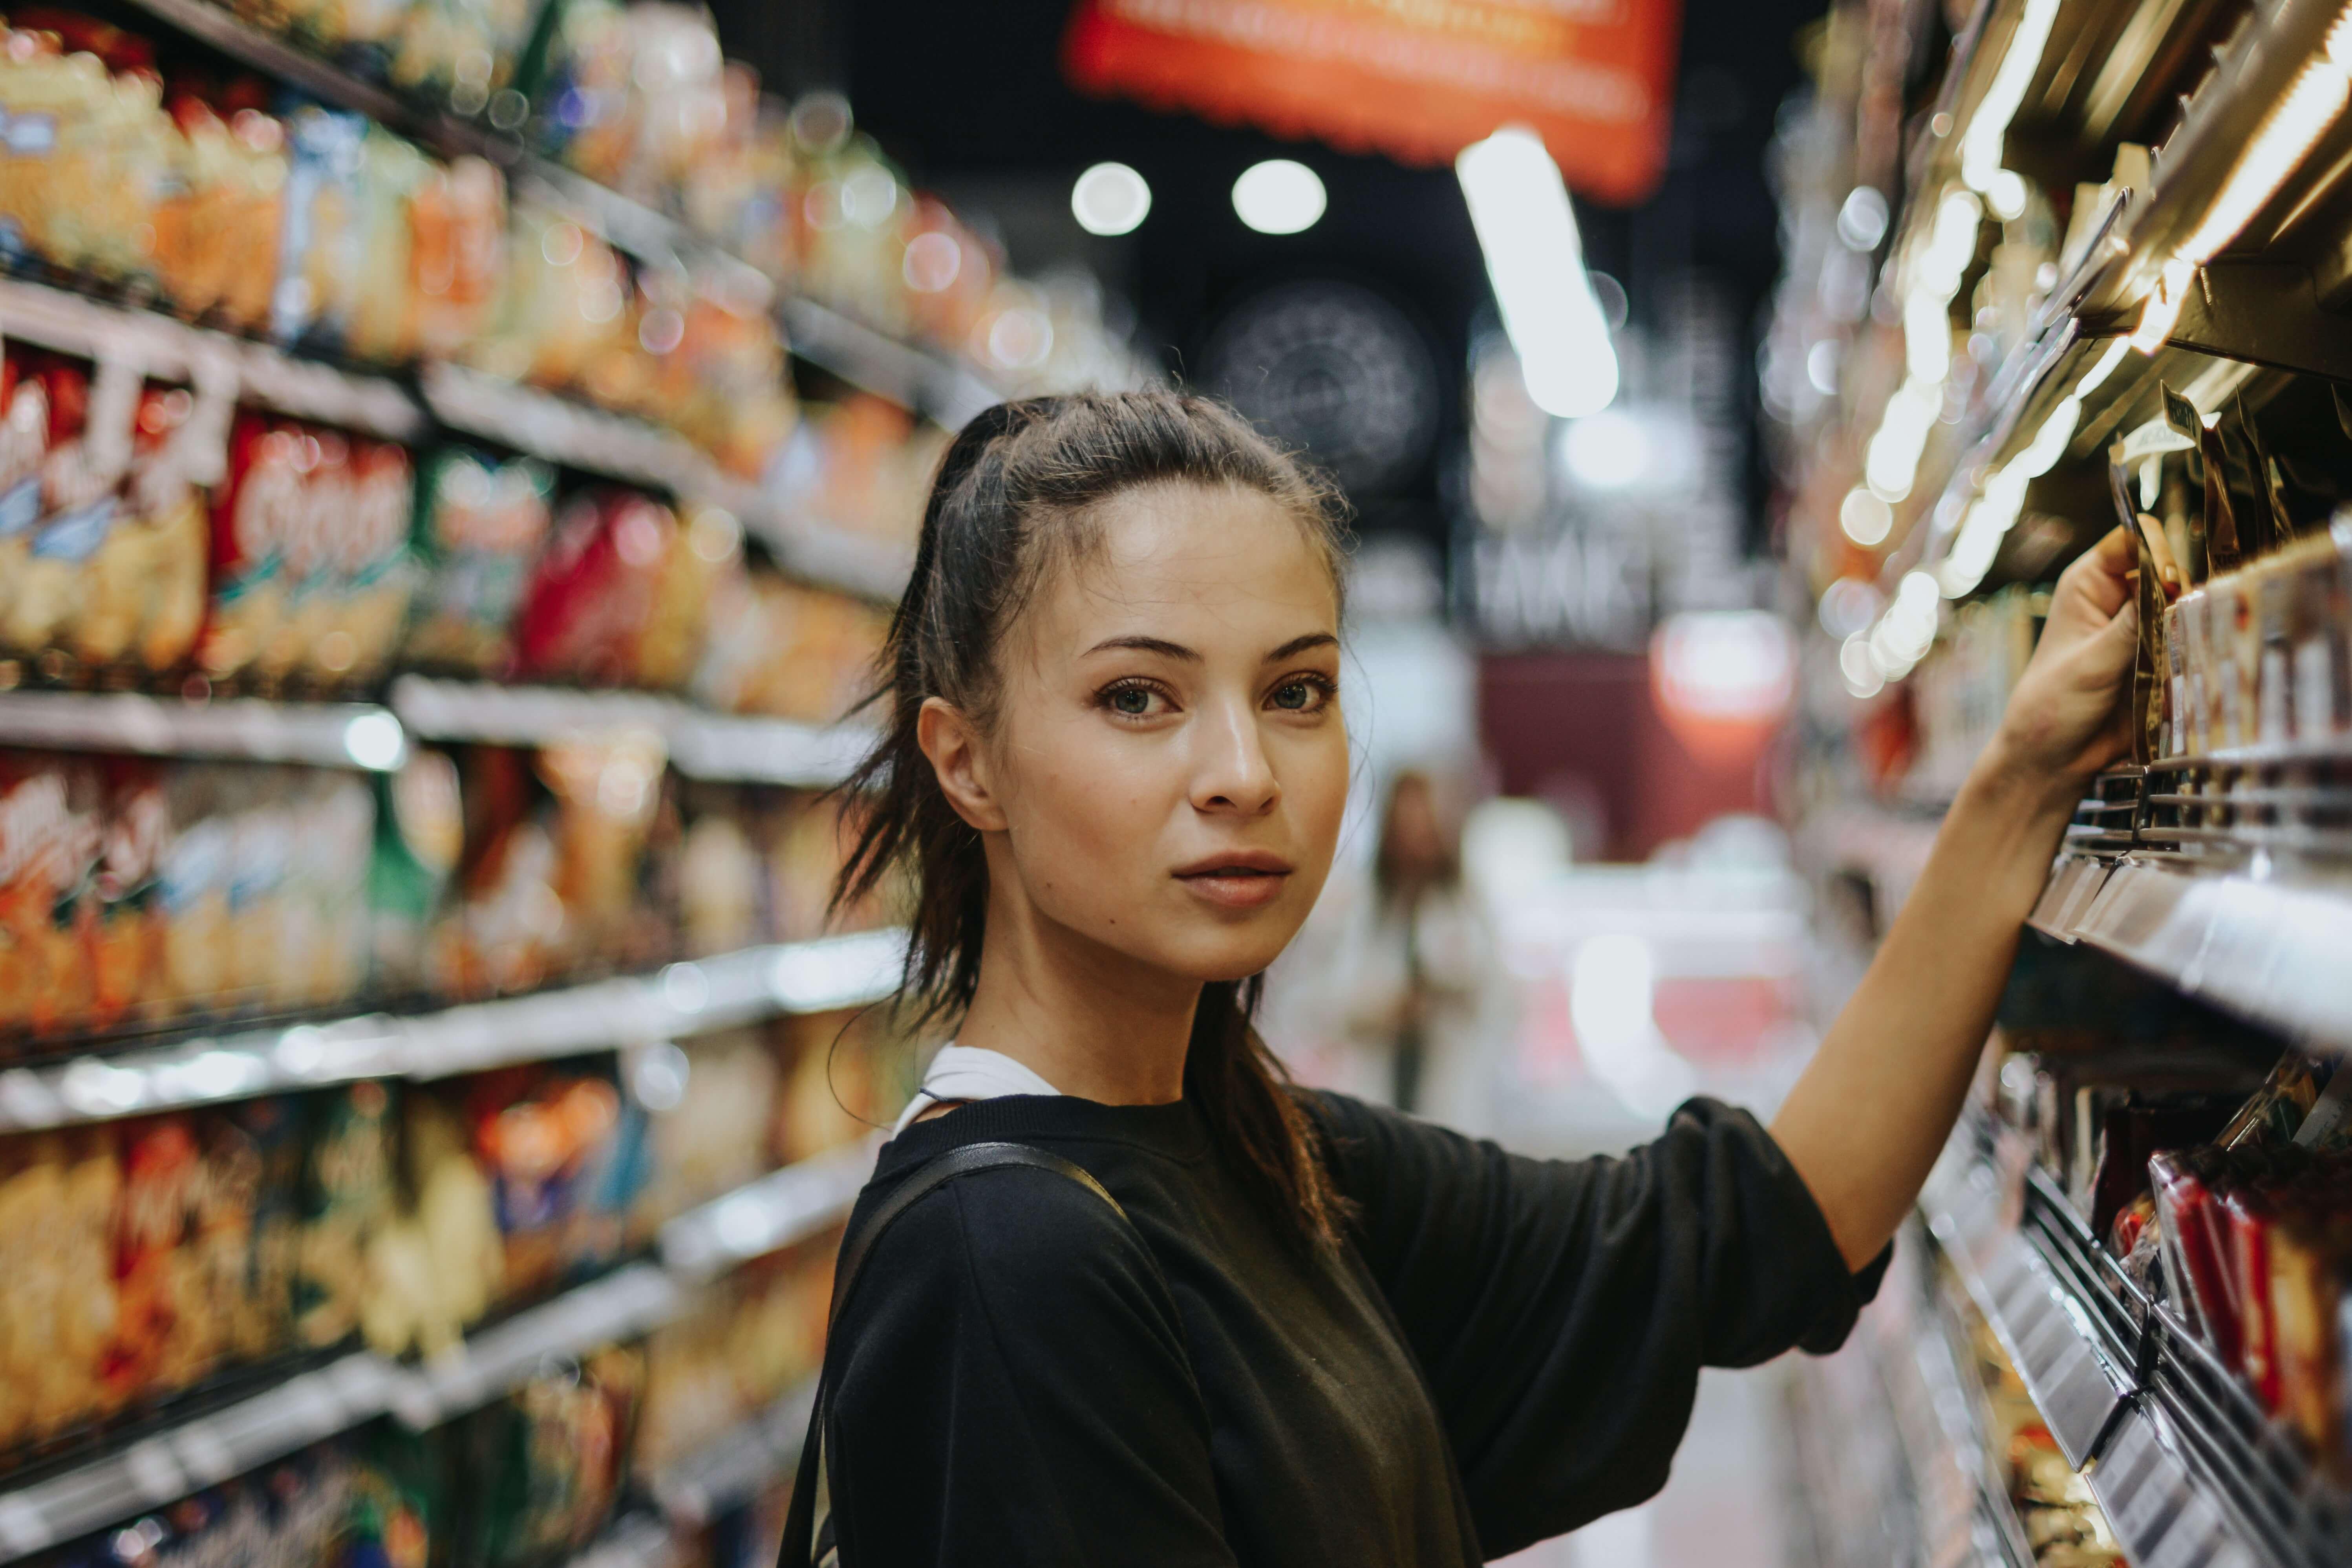 Was müssen wir beim Einkaufen beachten?